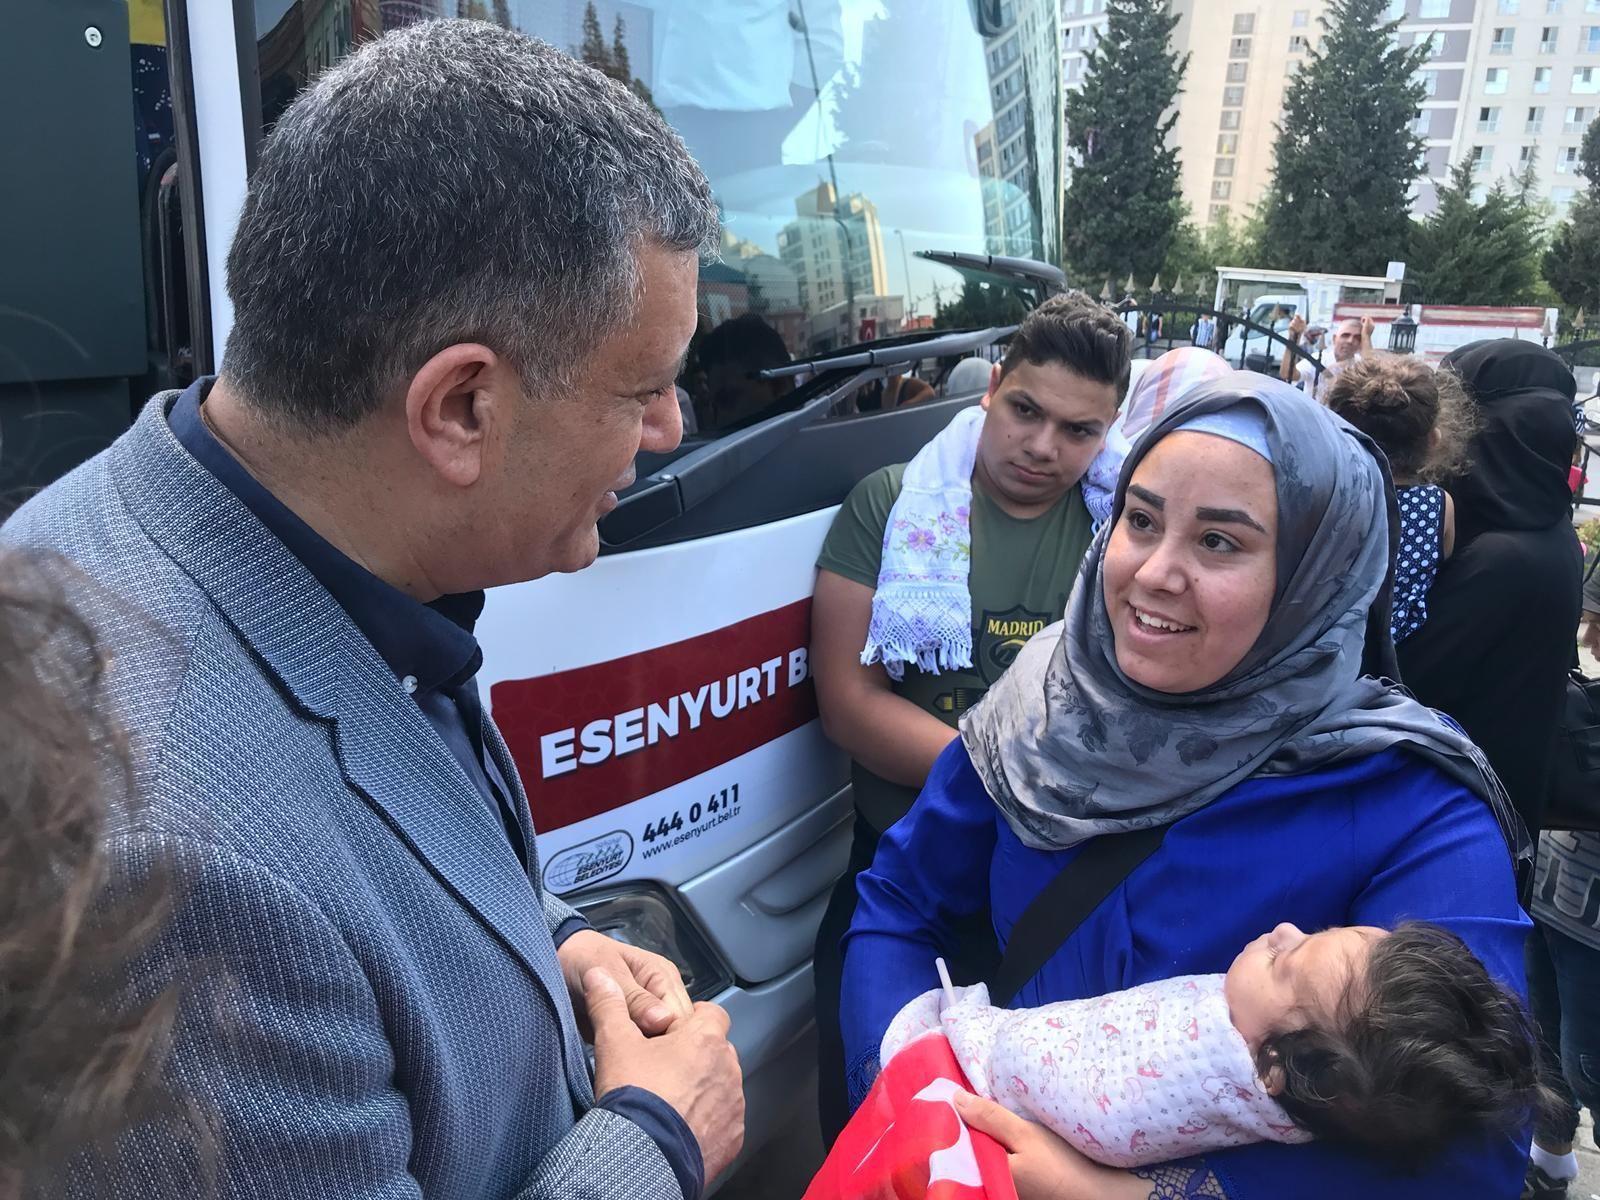 Ülkelerine kesin dönüş yapan Suriyeli sığınmacılar Esenyurt Belediye Başkanı Kemal Deniz Bozkurt'un katılımıyla Salı günü Esenyurt Belediyesi'nin eski binası önünden uğurlandı.